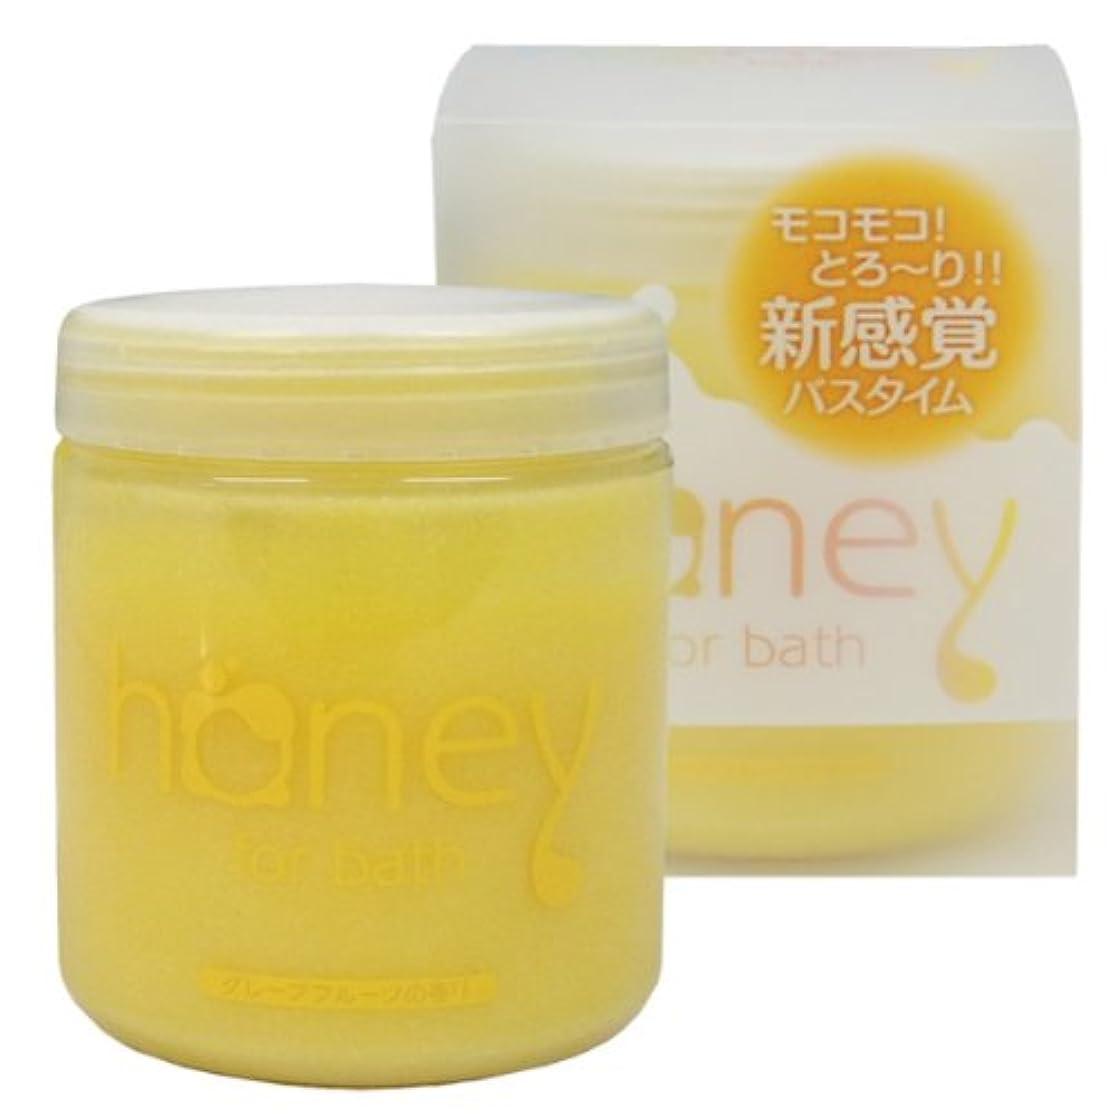 一元化する硬さ効果とろとろ入浴剤【honey】(ハニー) イエロー グレープフルーツの香り 泡タイプ ローション バブルバス